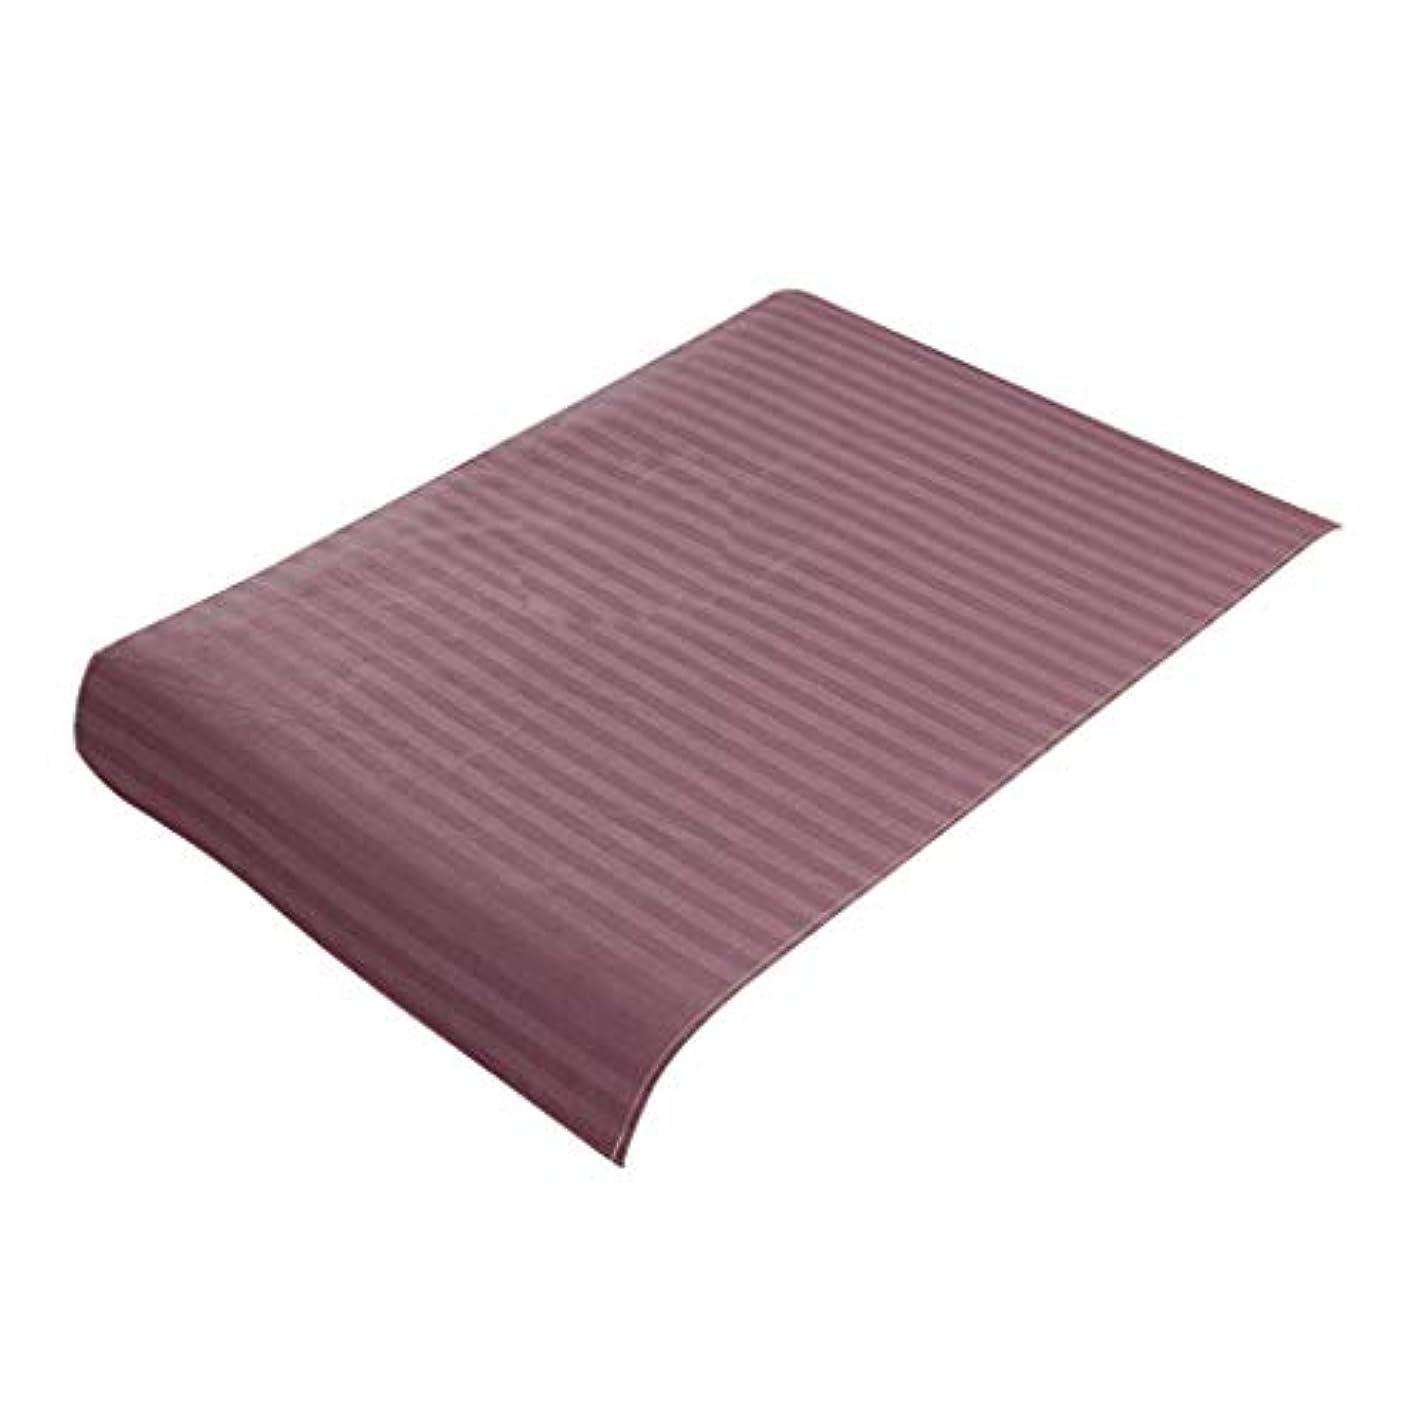 葉を集める重荷不承認美容ベッドカバー マッサージ台スカート コットン生地 スパ マッサージベッドカバー 全7色 - 紫